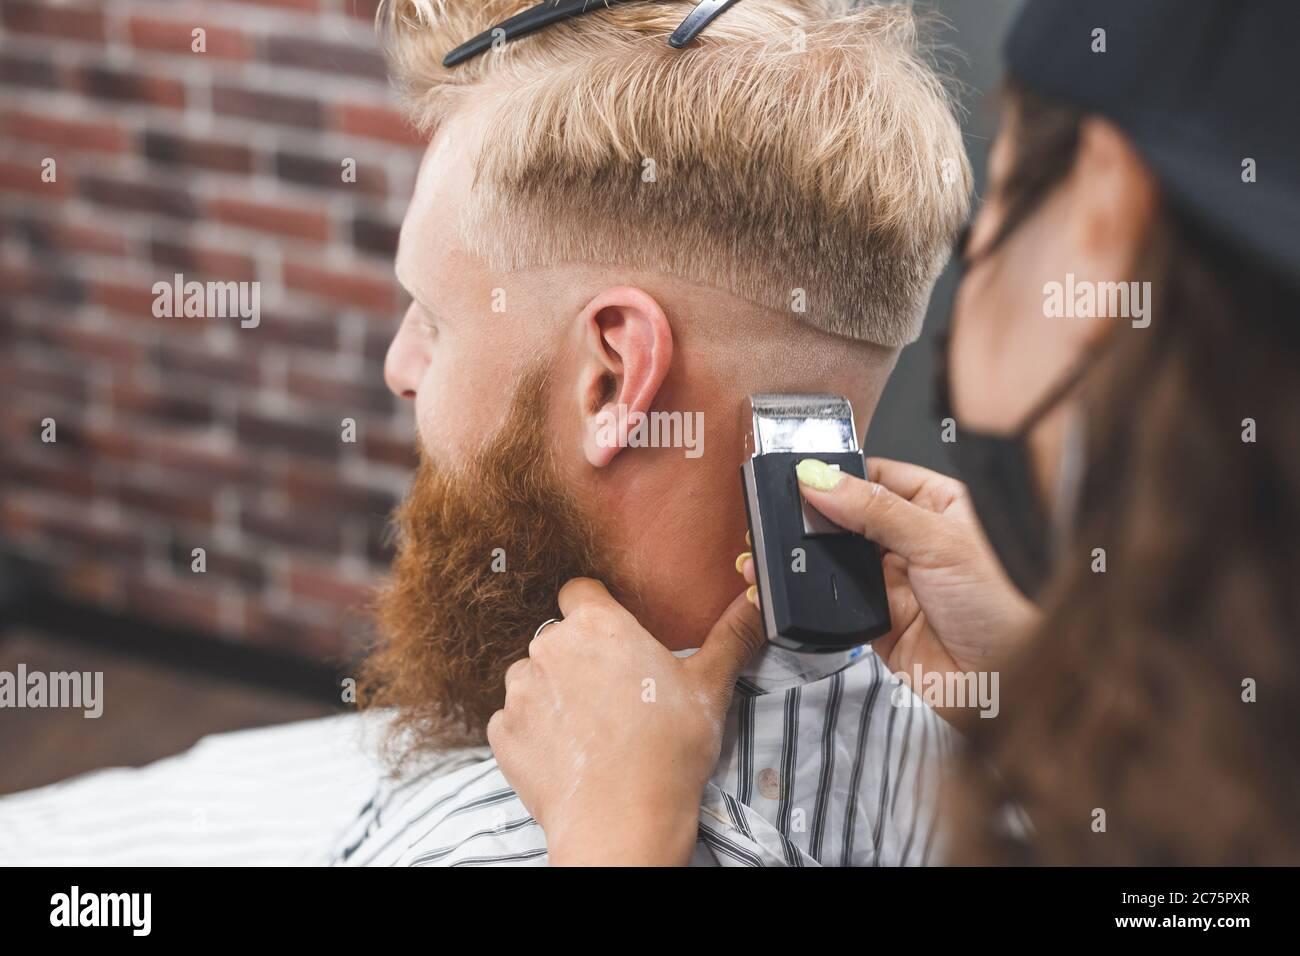 El hombre está cortando el pelo en una peluquería. Cuidado del cabello. Barbería en máscara de protección contra virus. Corte de pelo en cuarentena Foto de stock